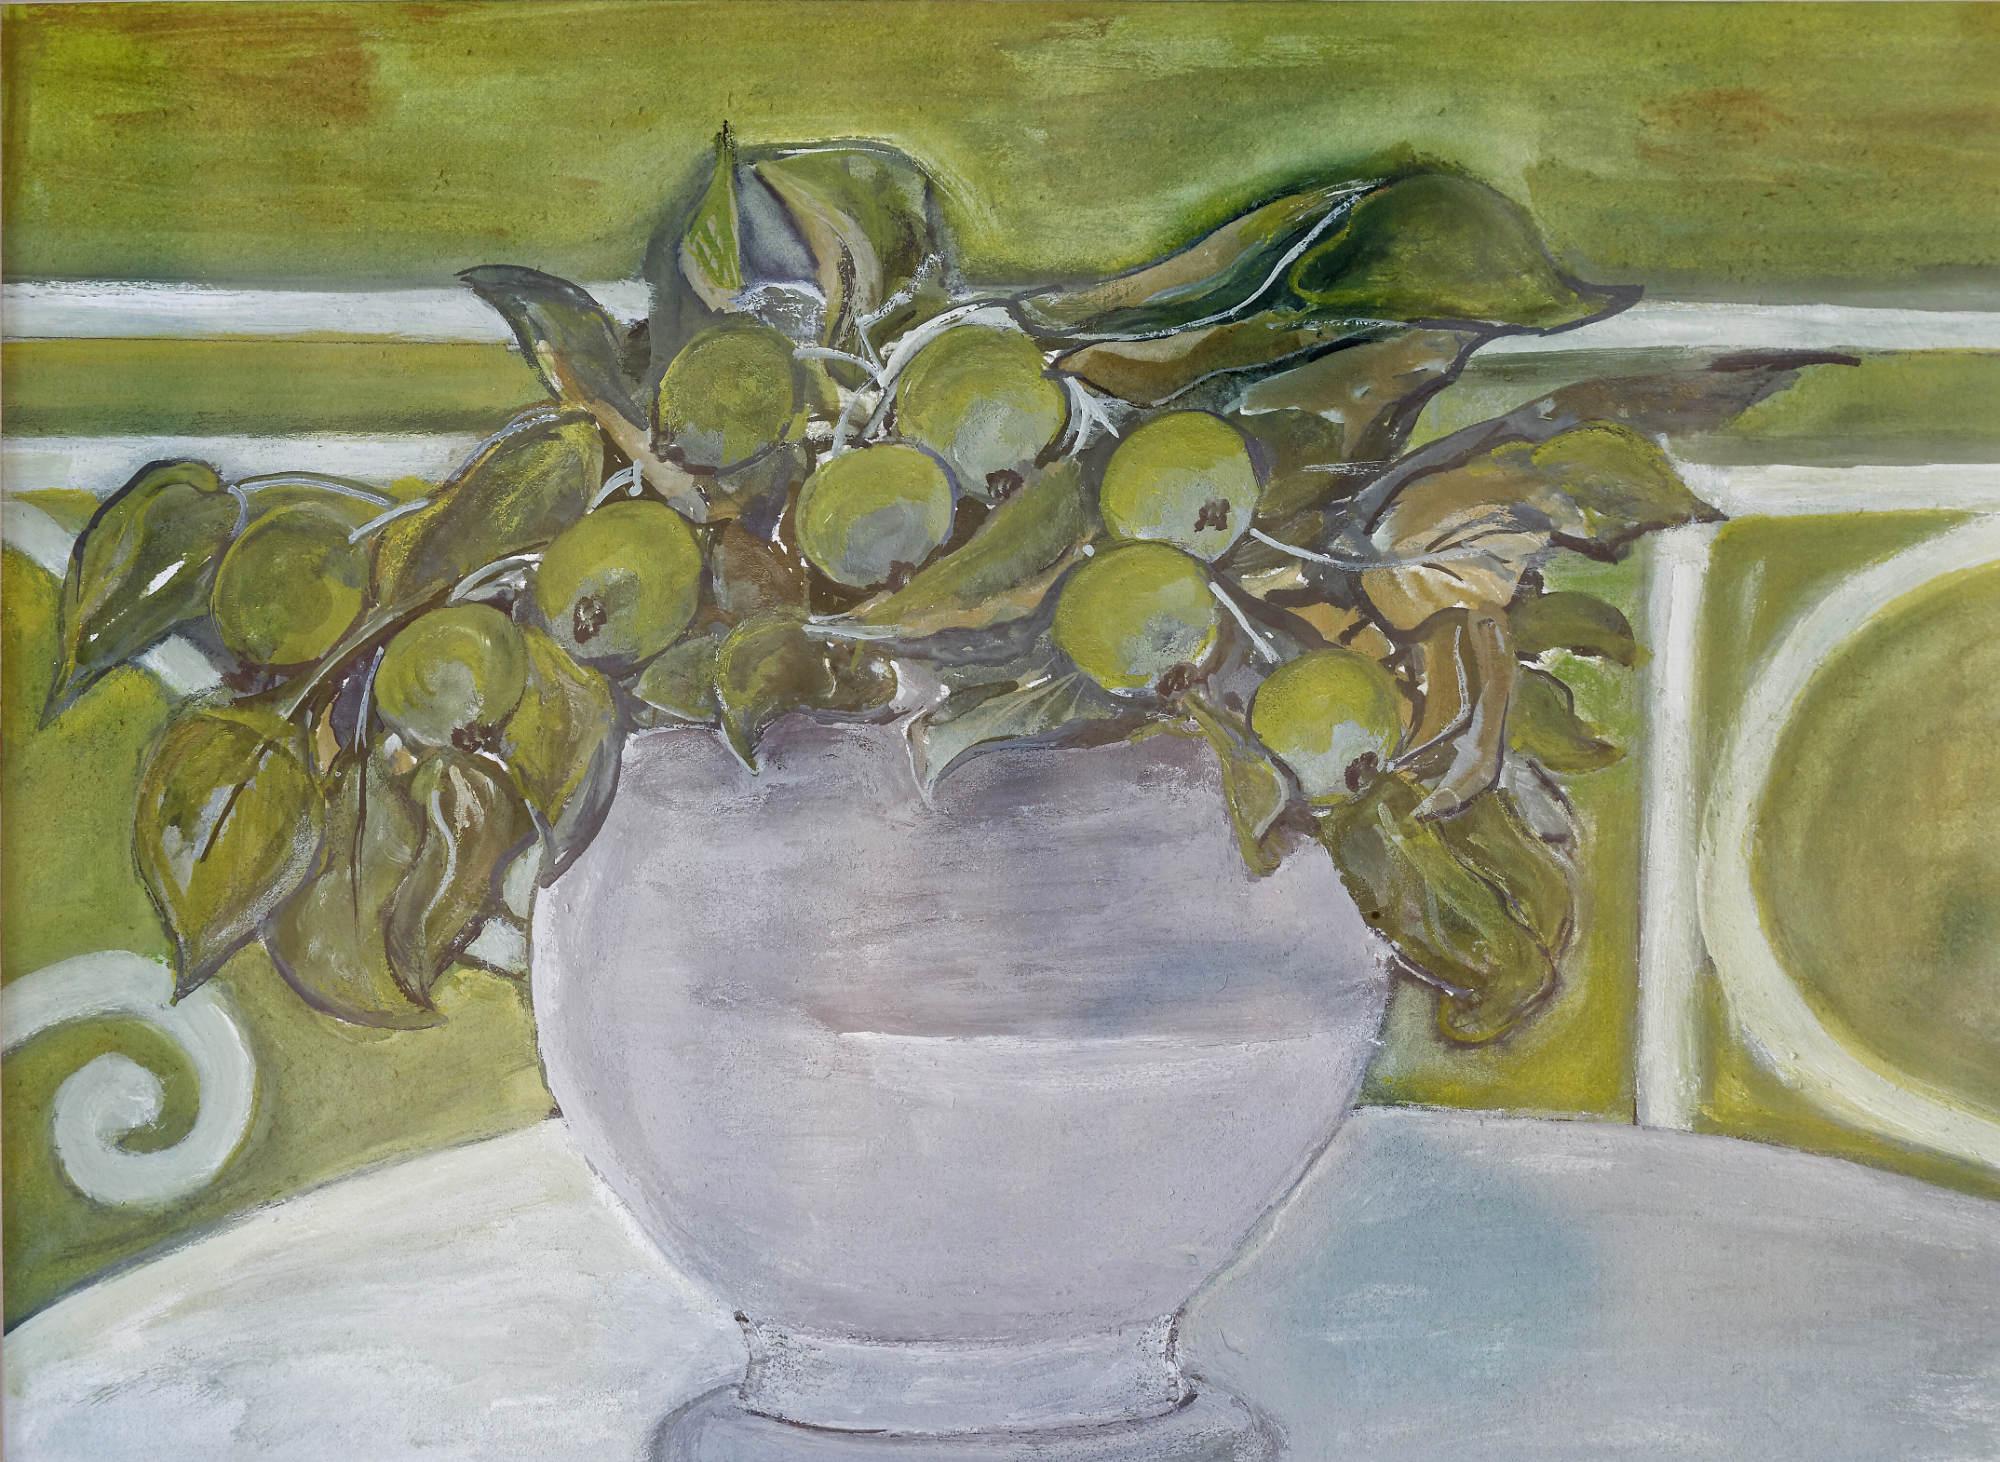 2012, Weiße Vase mit Früchten, 50x40cm, Acryl